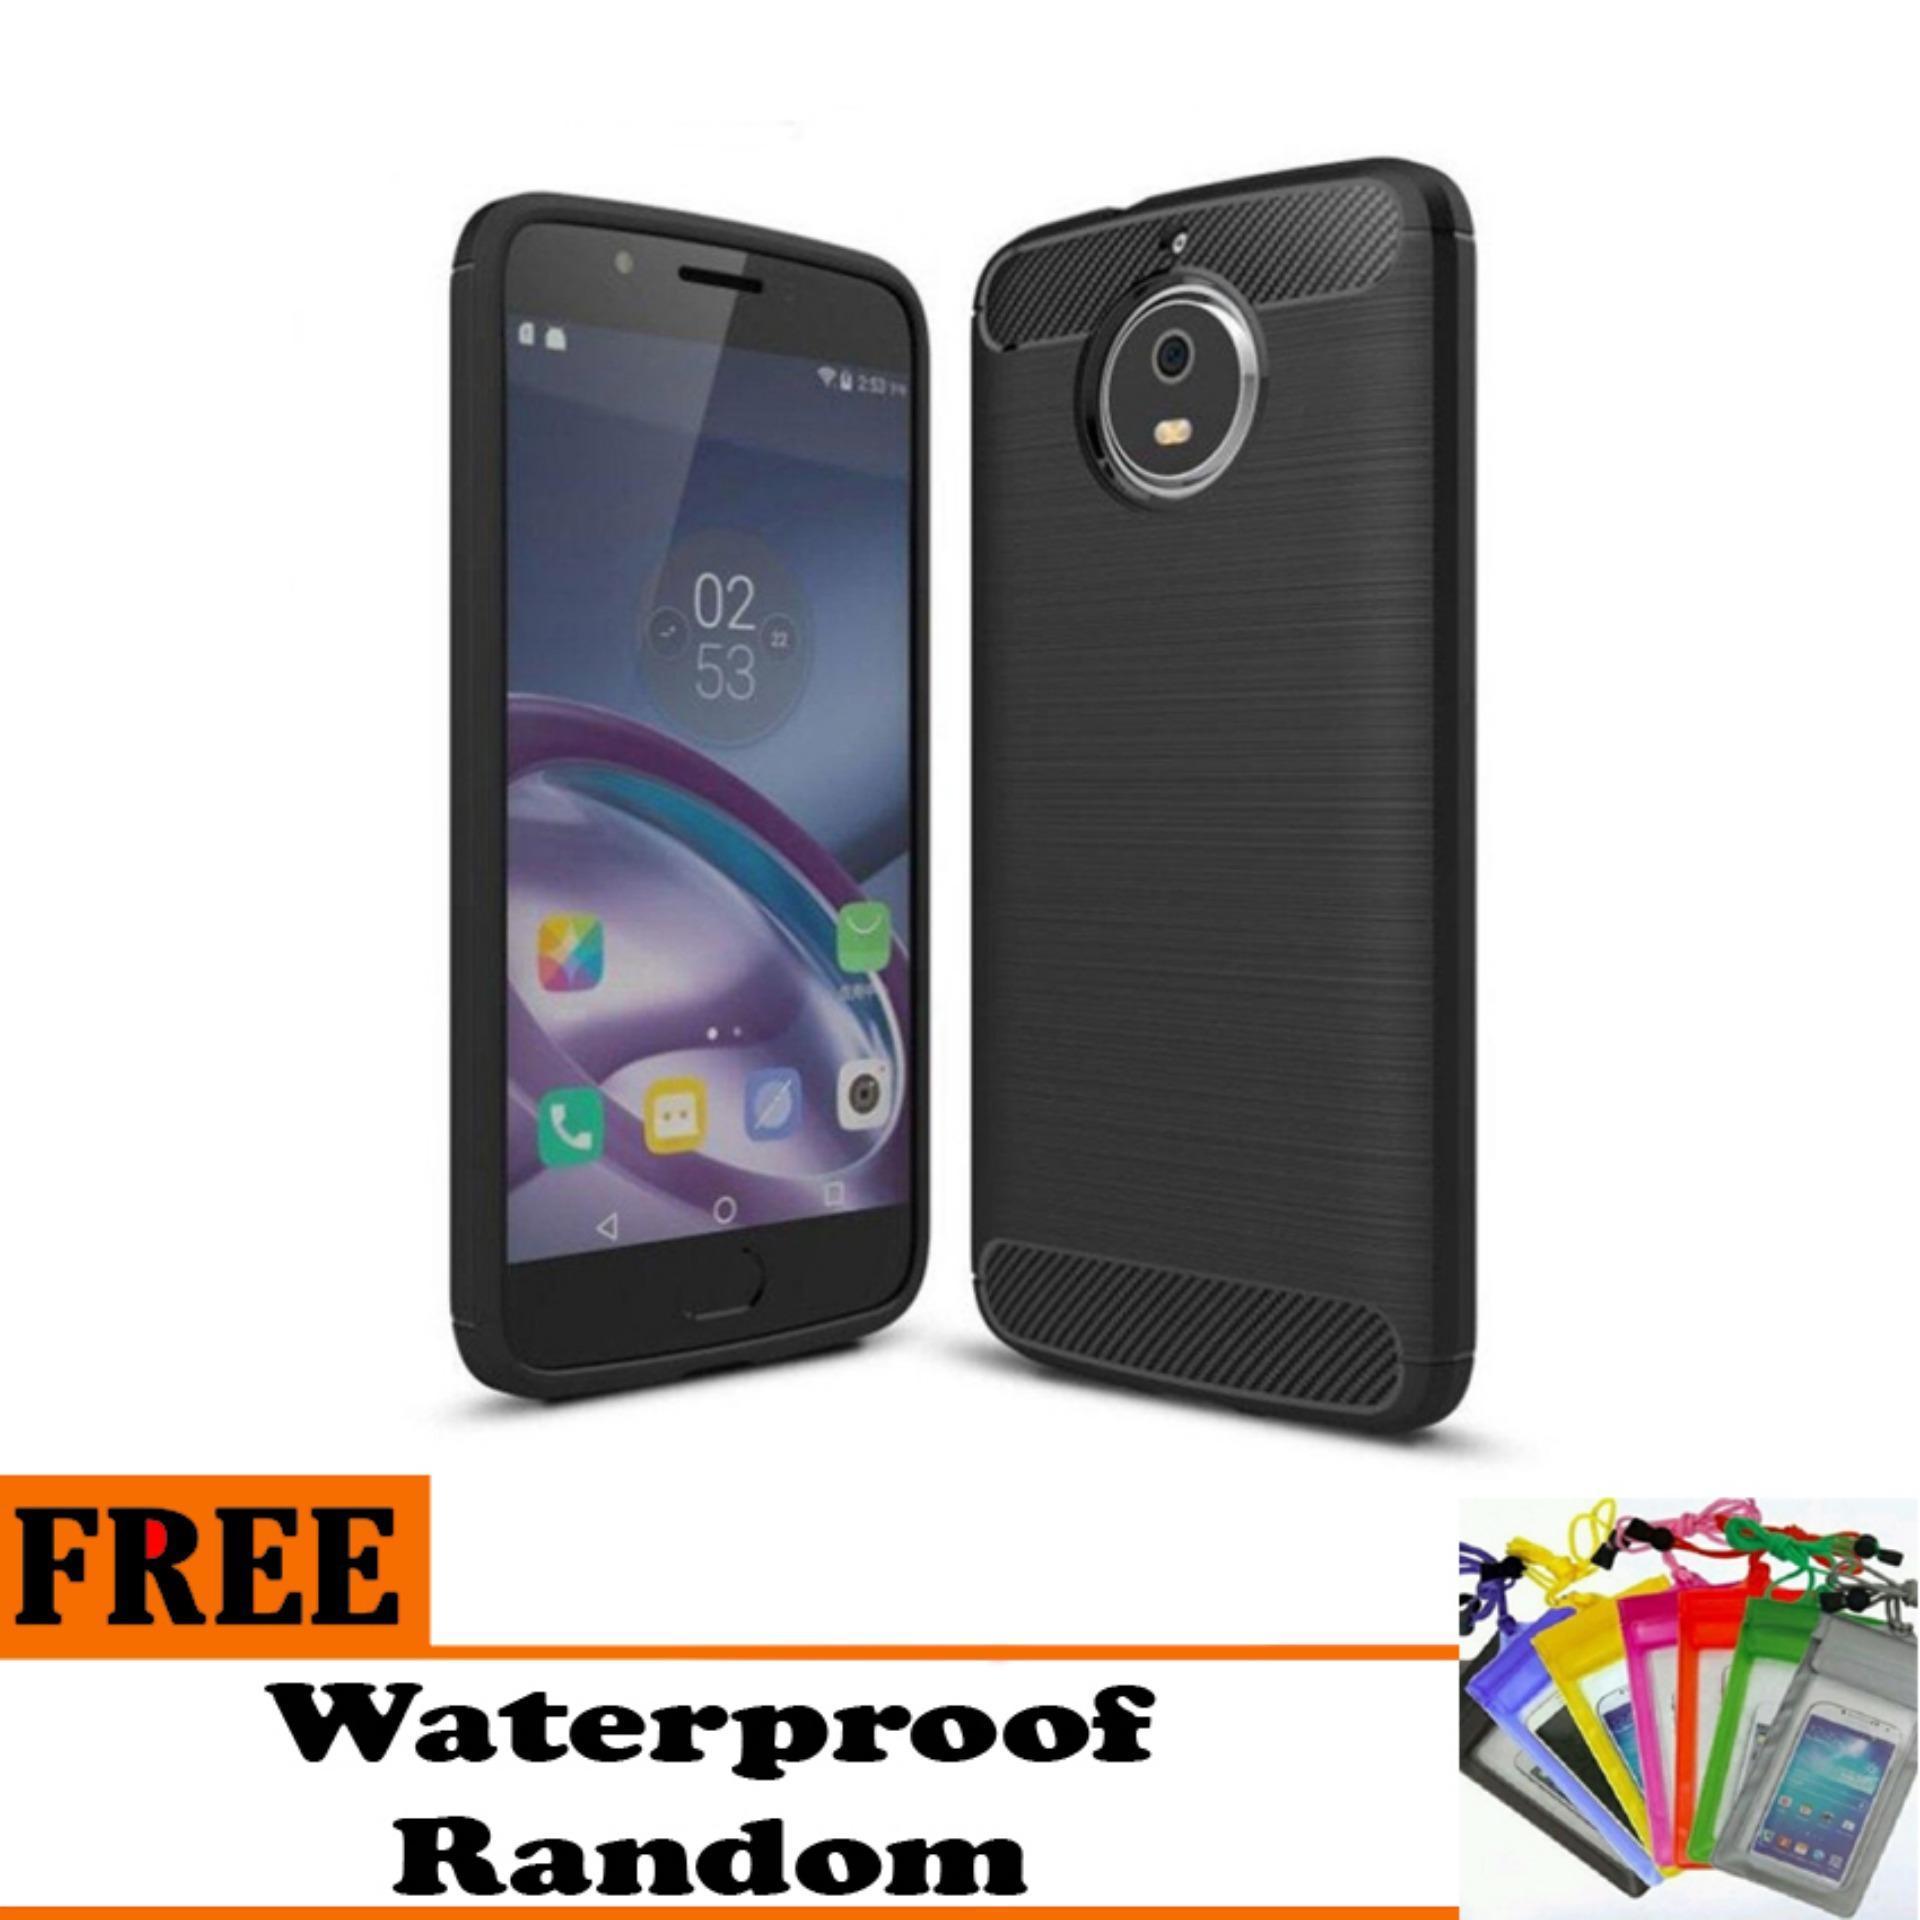 Softcase Ipaky Shockproof Matte Black karbon untuk Motorola Moto G5 S Plus  - Free Waterproof